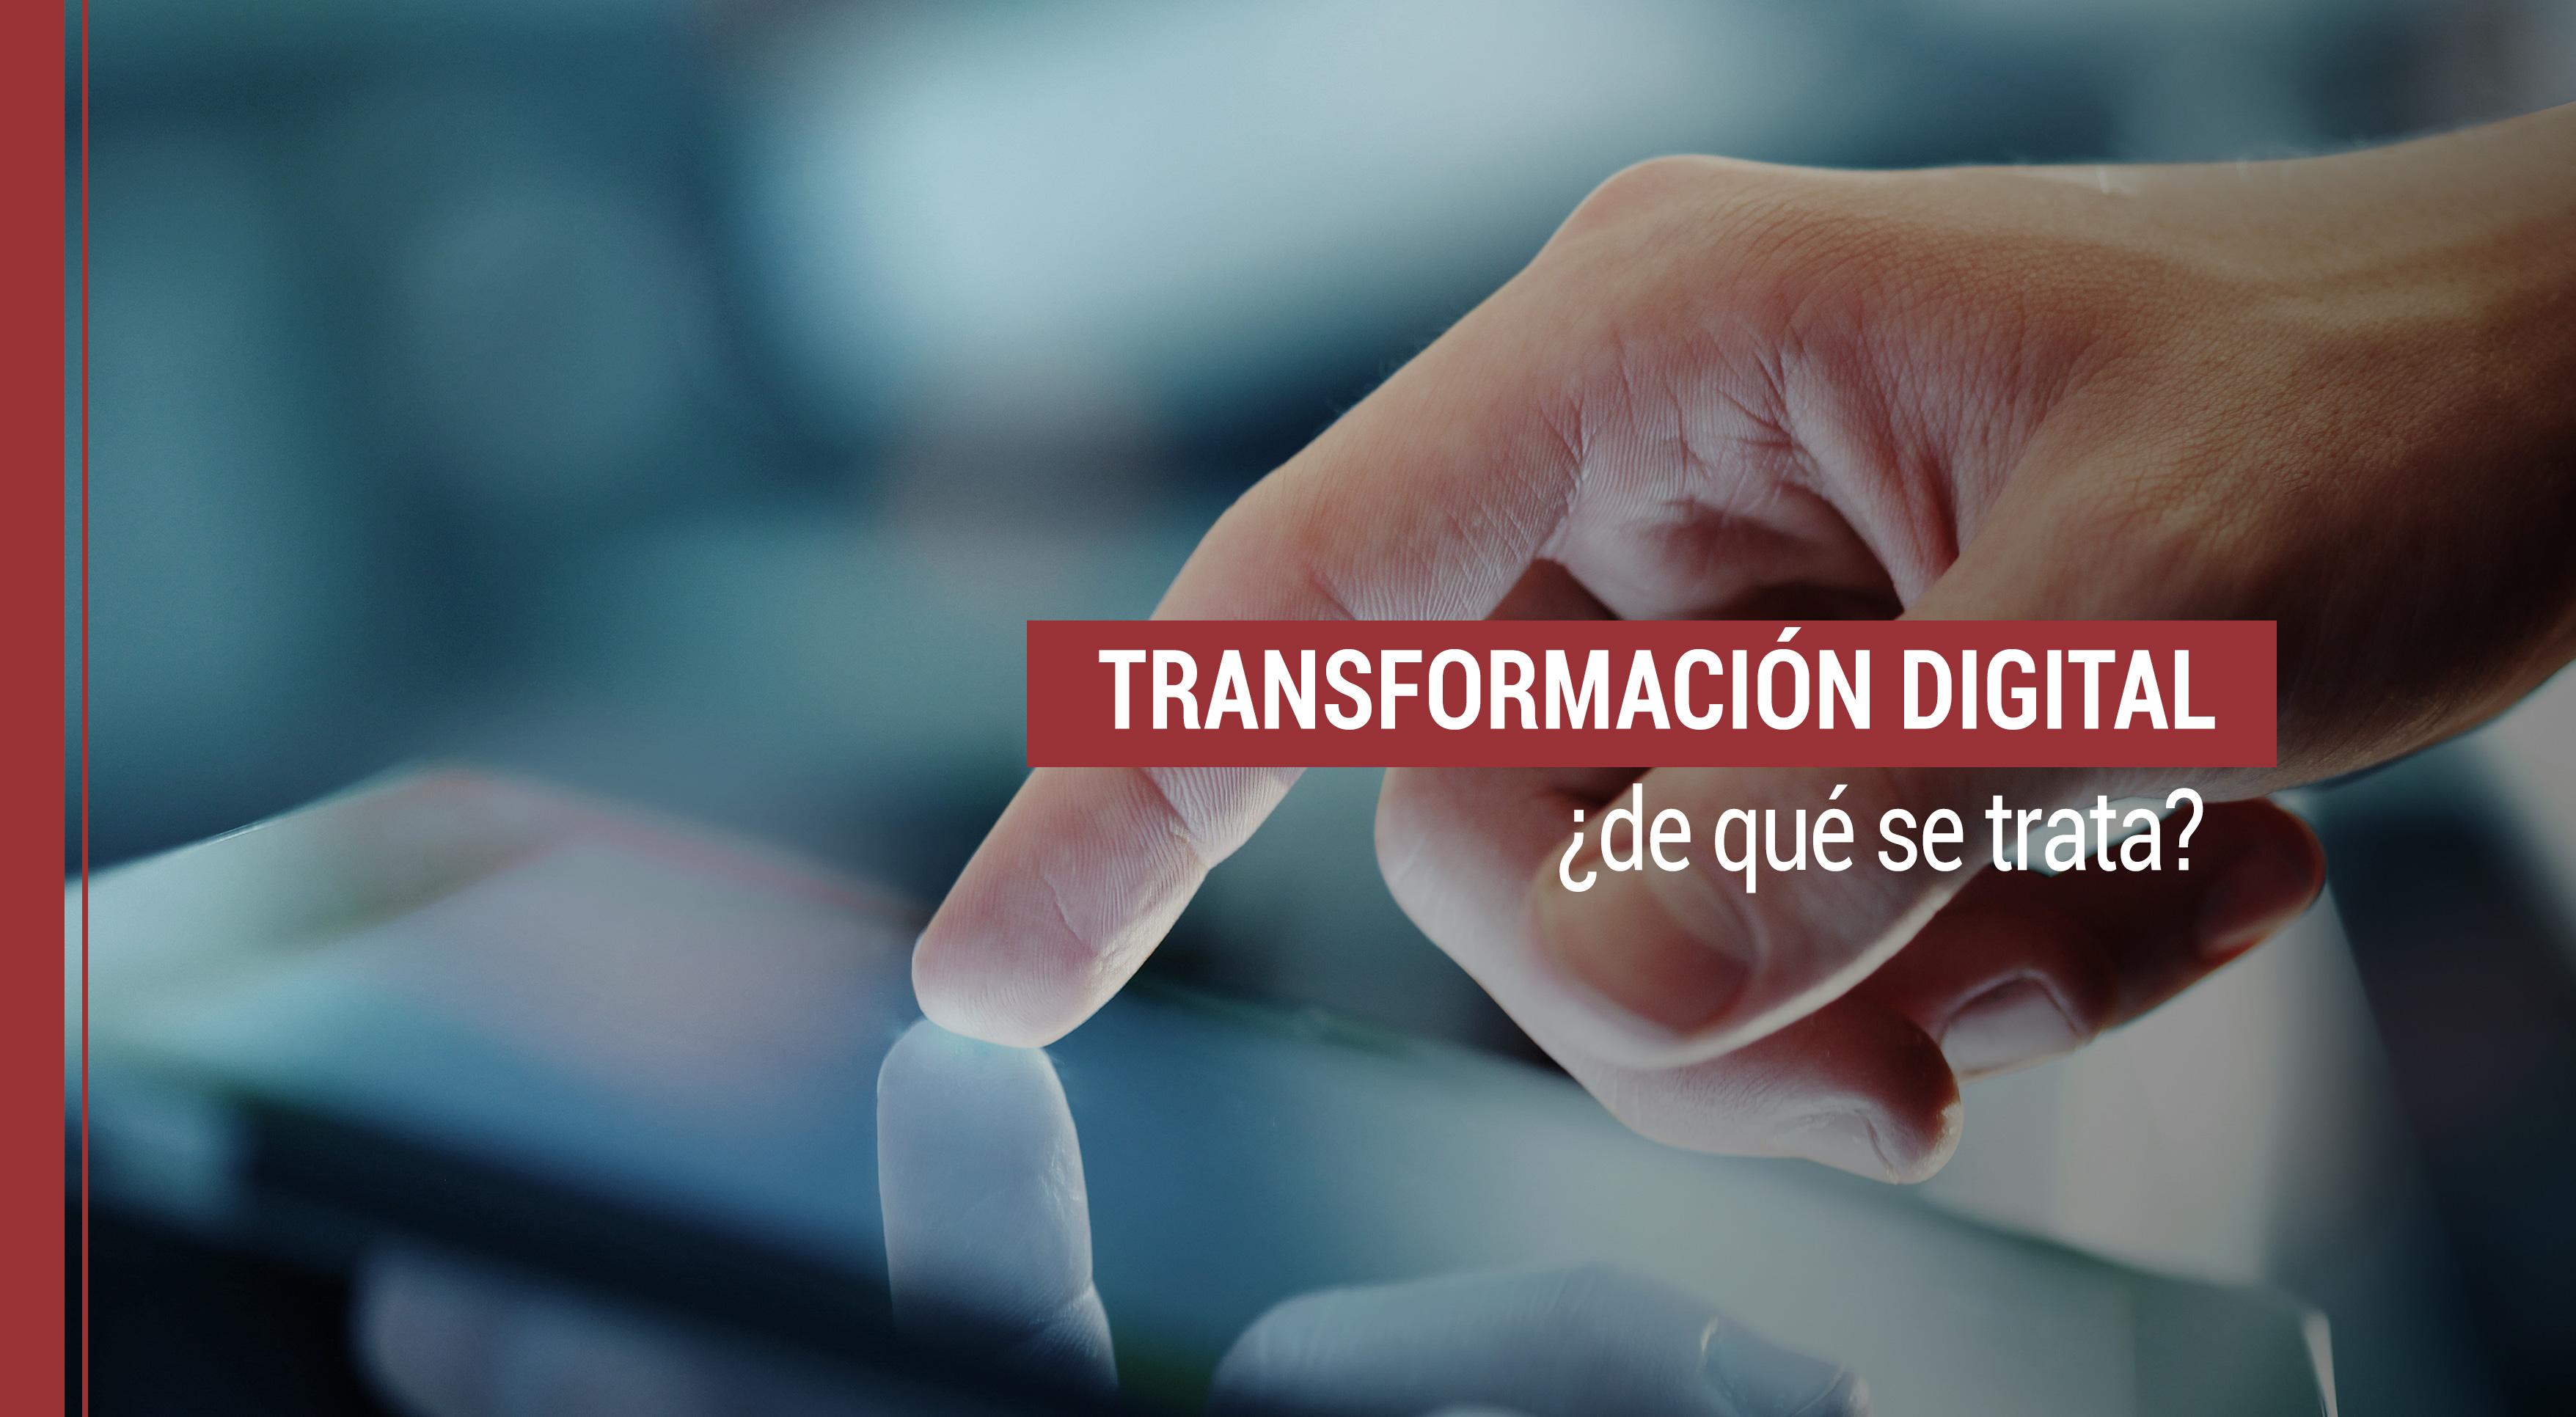 transformacion-digital-de-que-se-trata Transformación digital: qué es y cómo adaptarse a ella